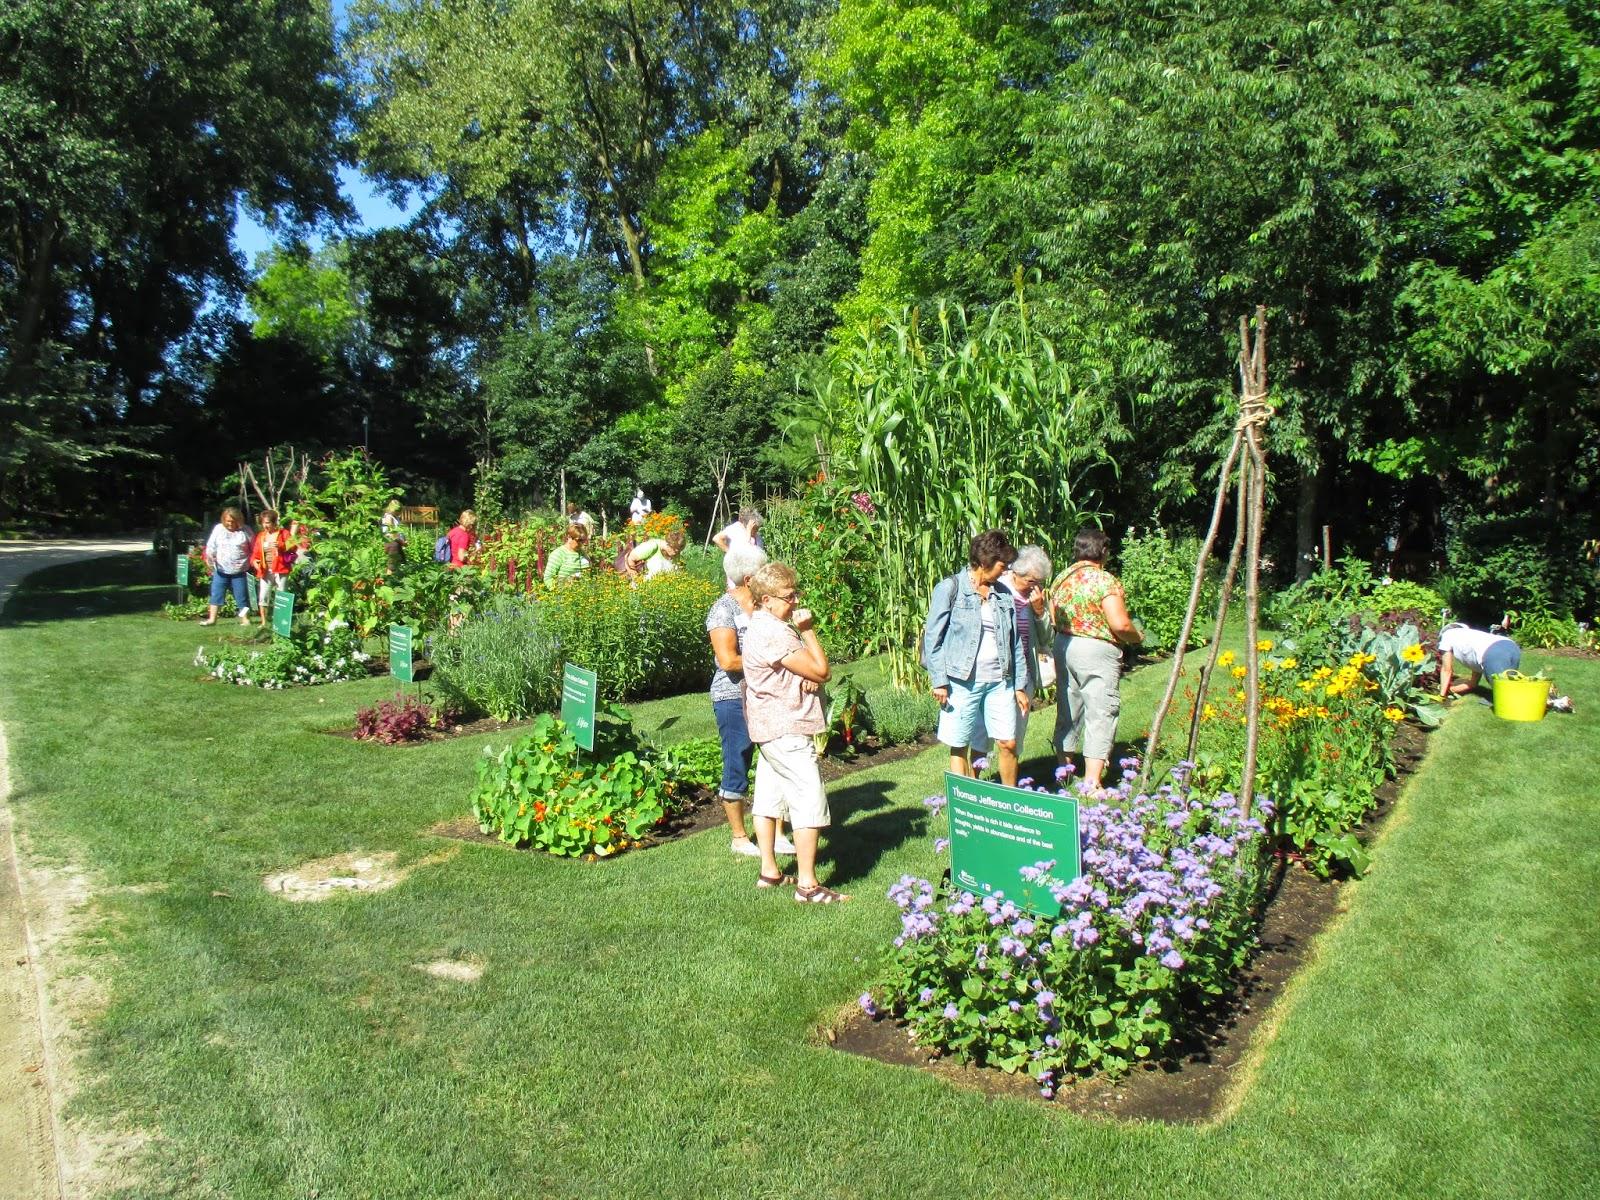 A Nice Day For A Garden Tour